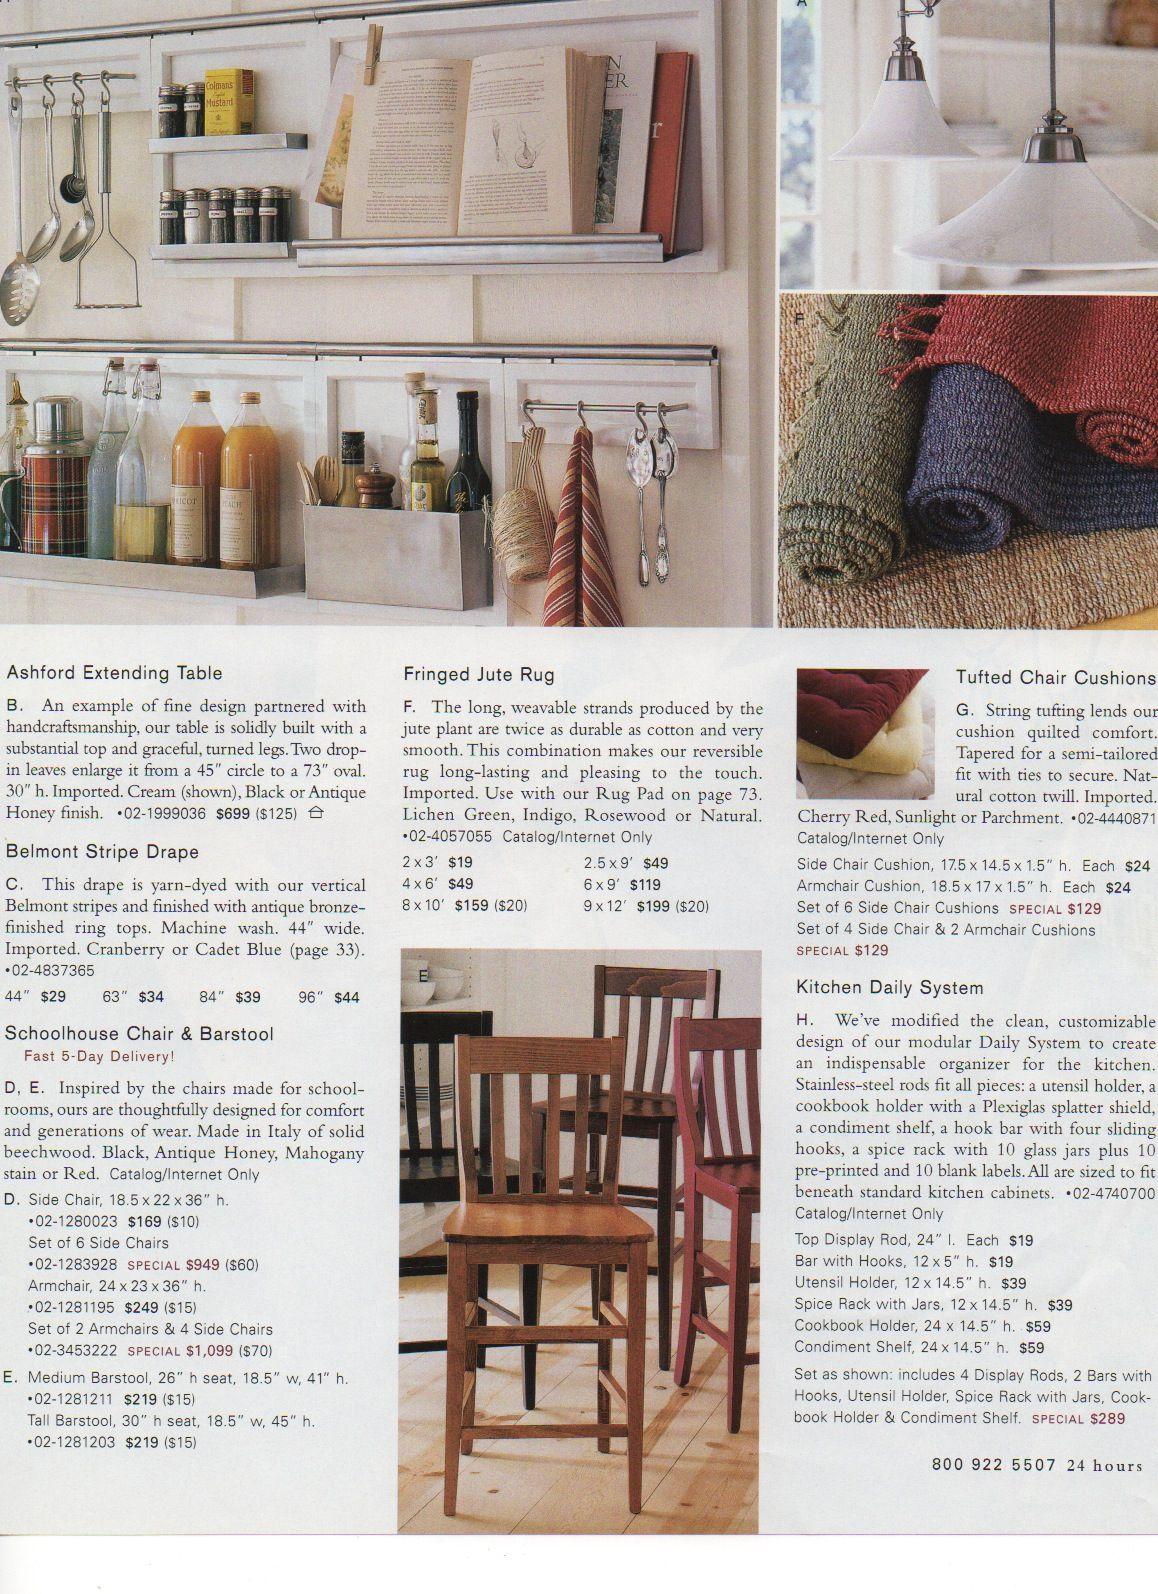 Kitchen organizing/accessories